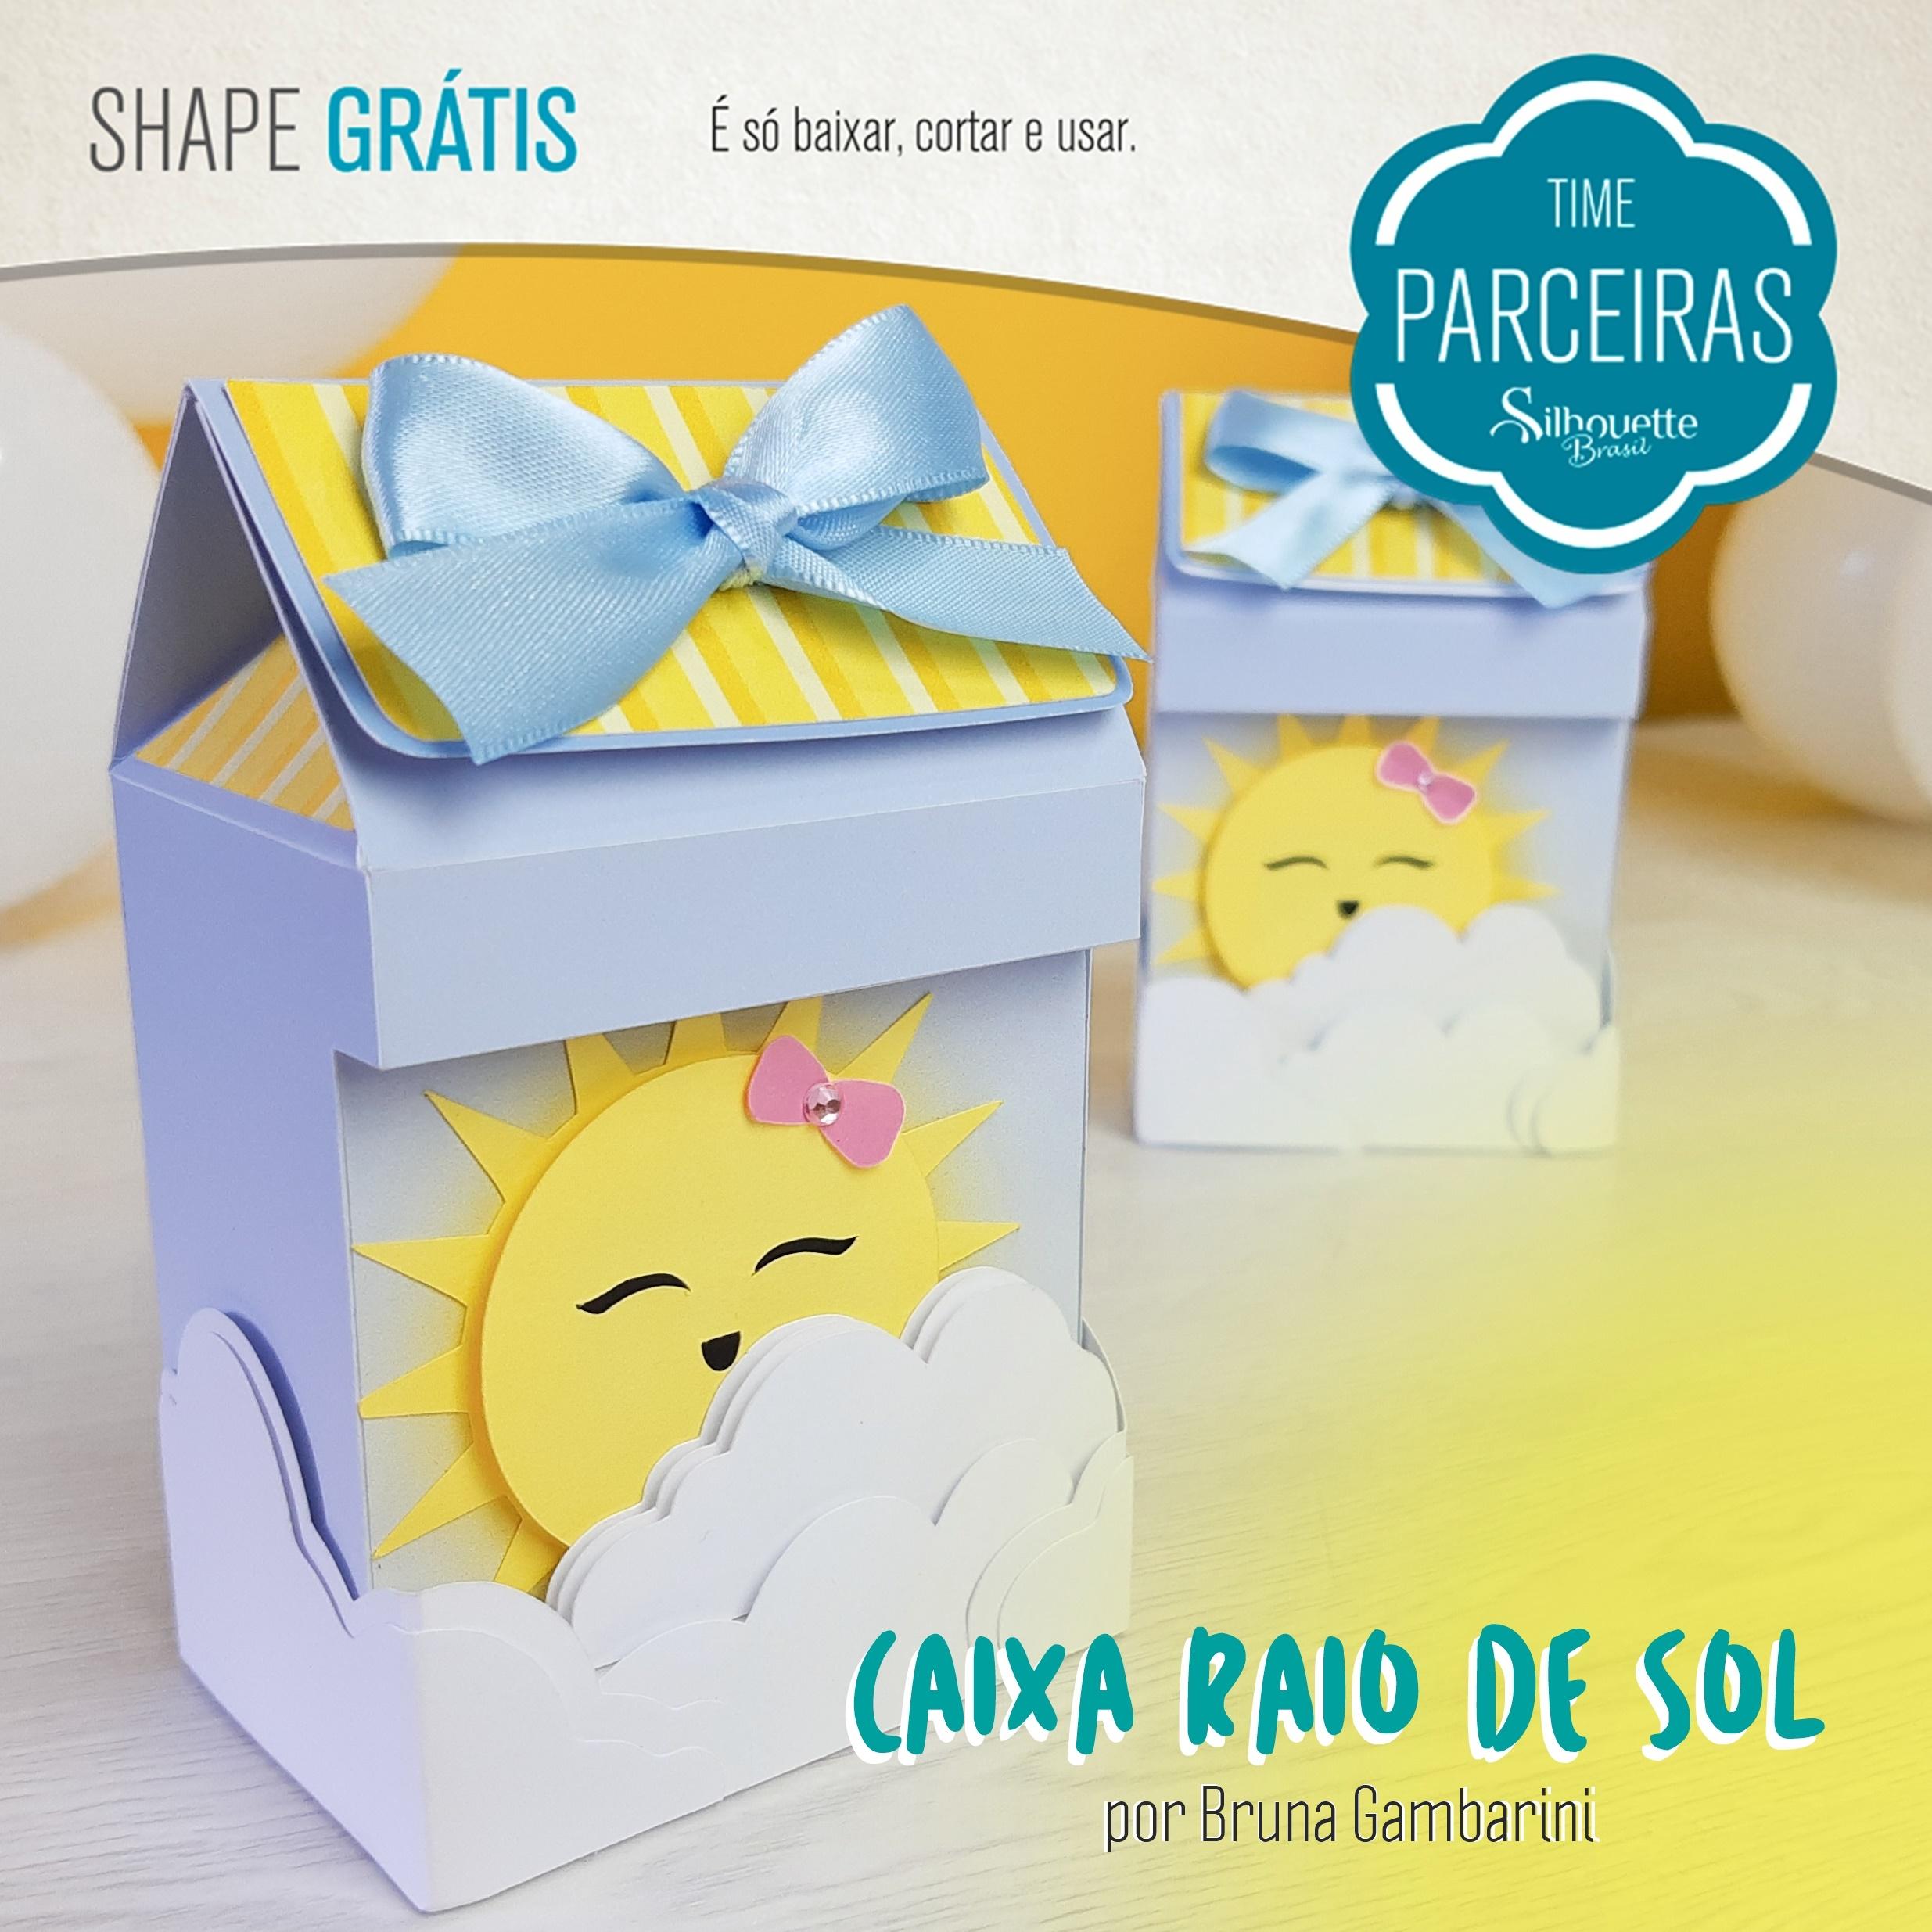 Shapes Grátis - Caixa Raio de Sol